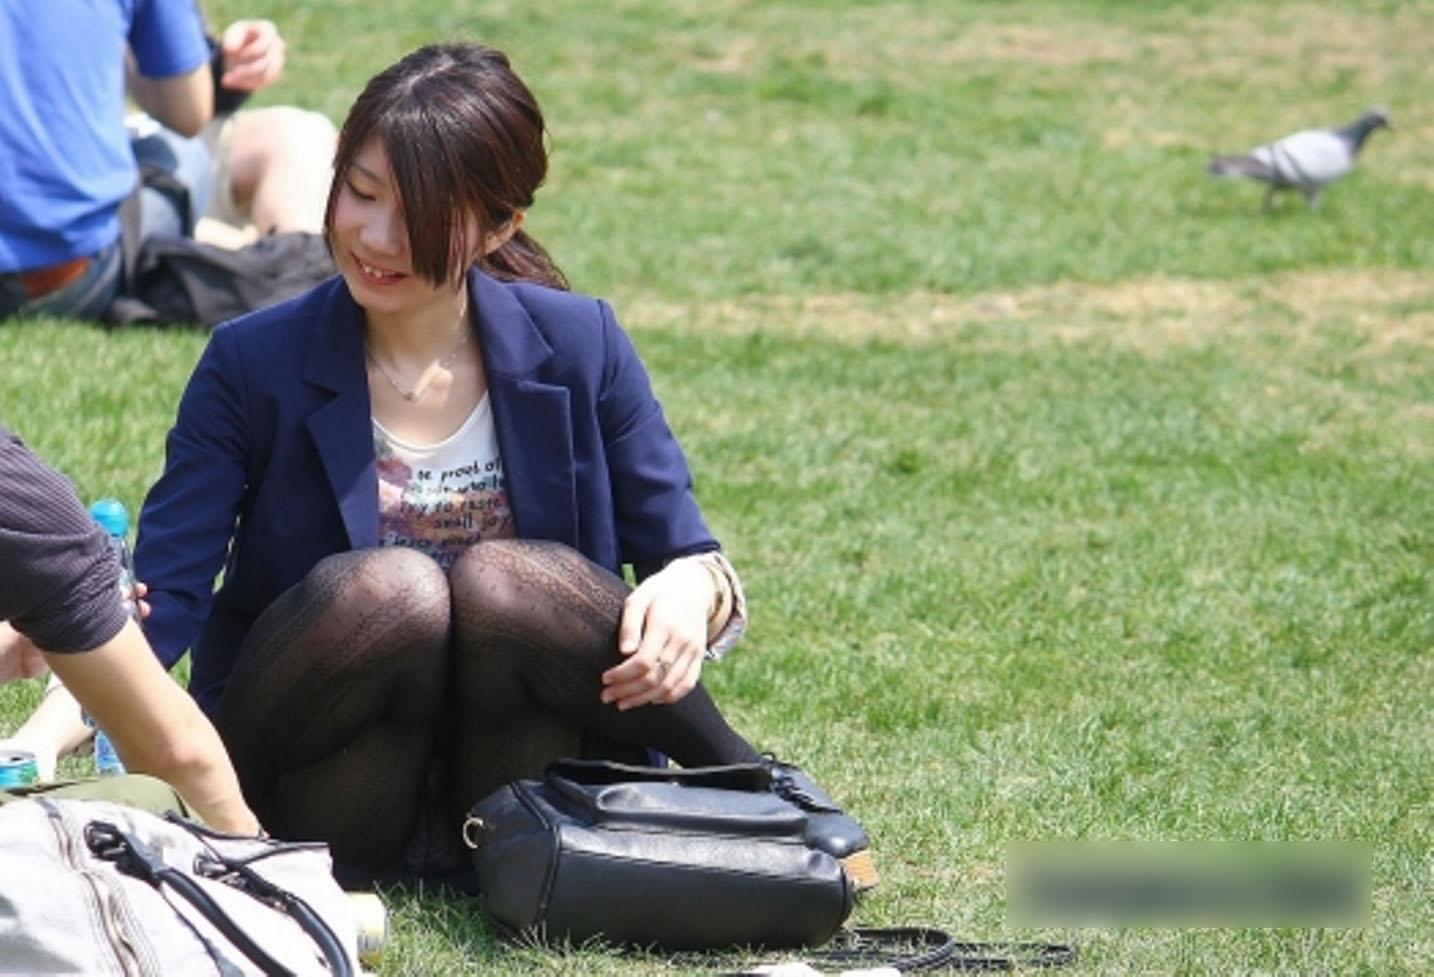 【パンチラエロ画像】休憩中に見えた人妻のパンチラww